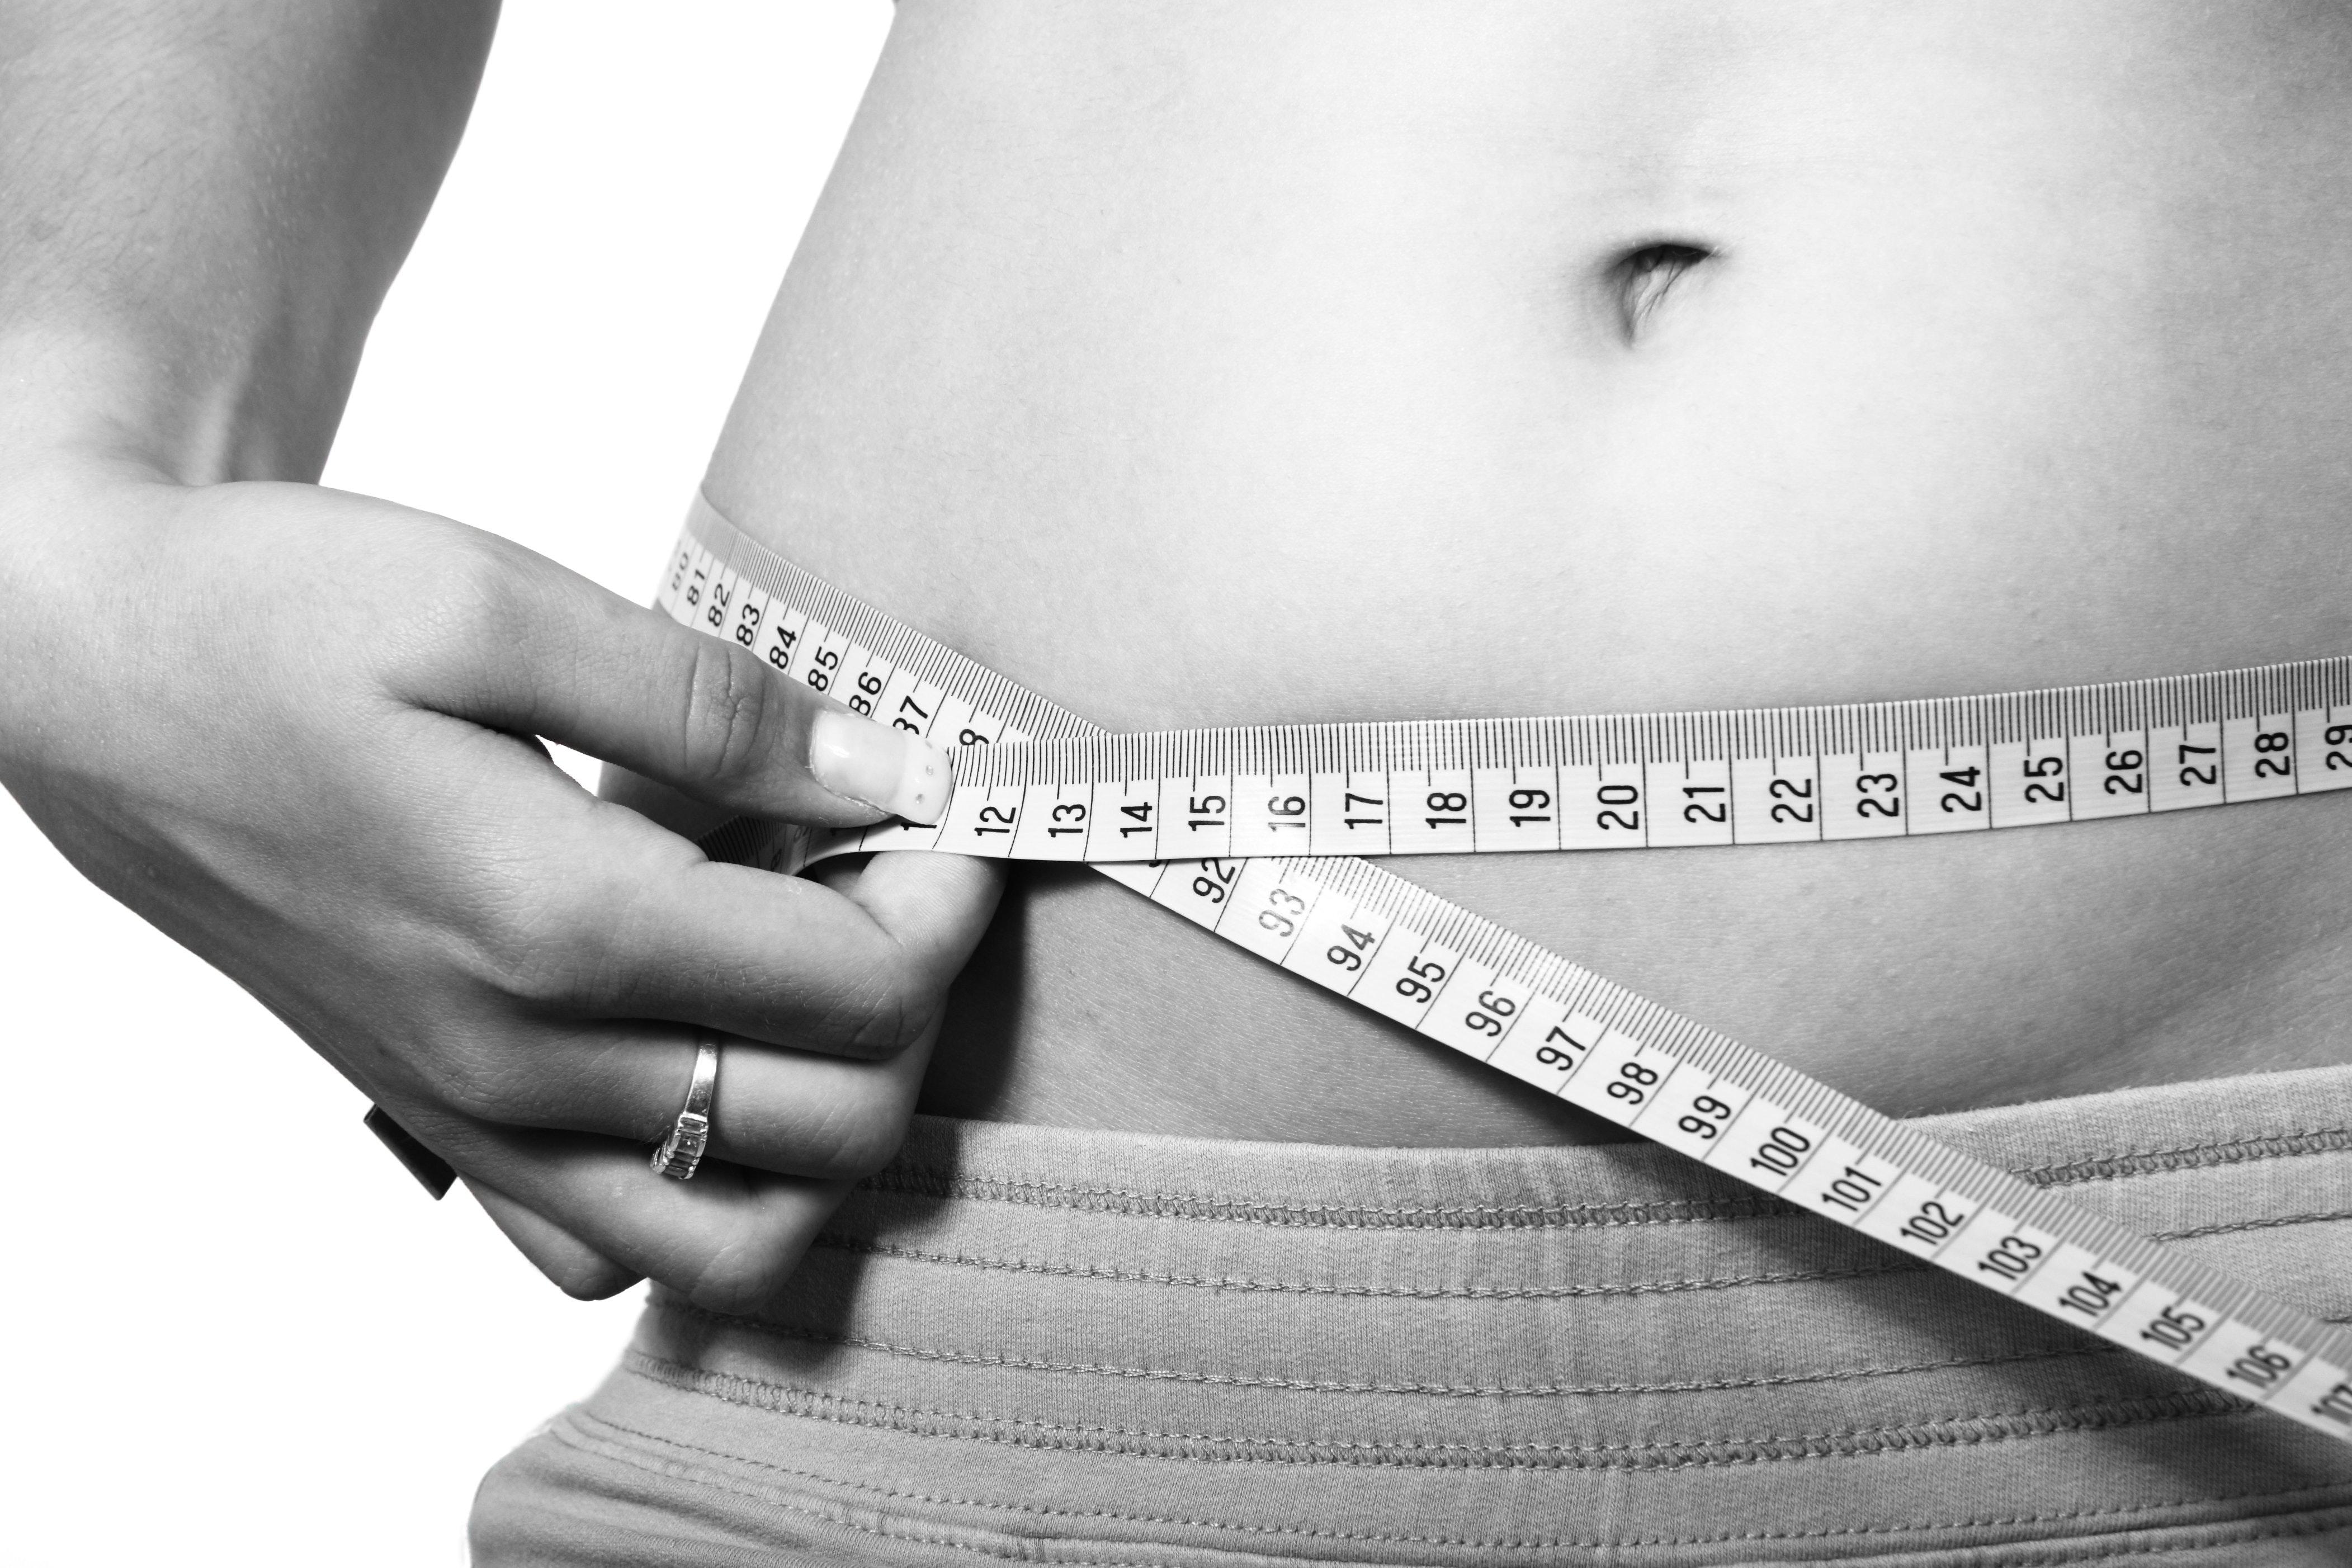 Perdre 10kg en 14 jours grâce au régime thonon ? Témoignage